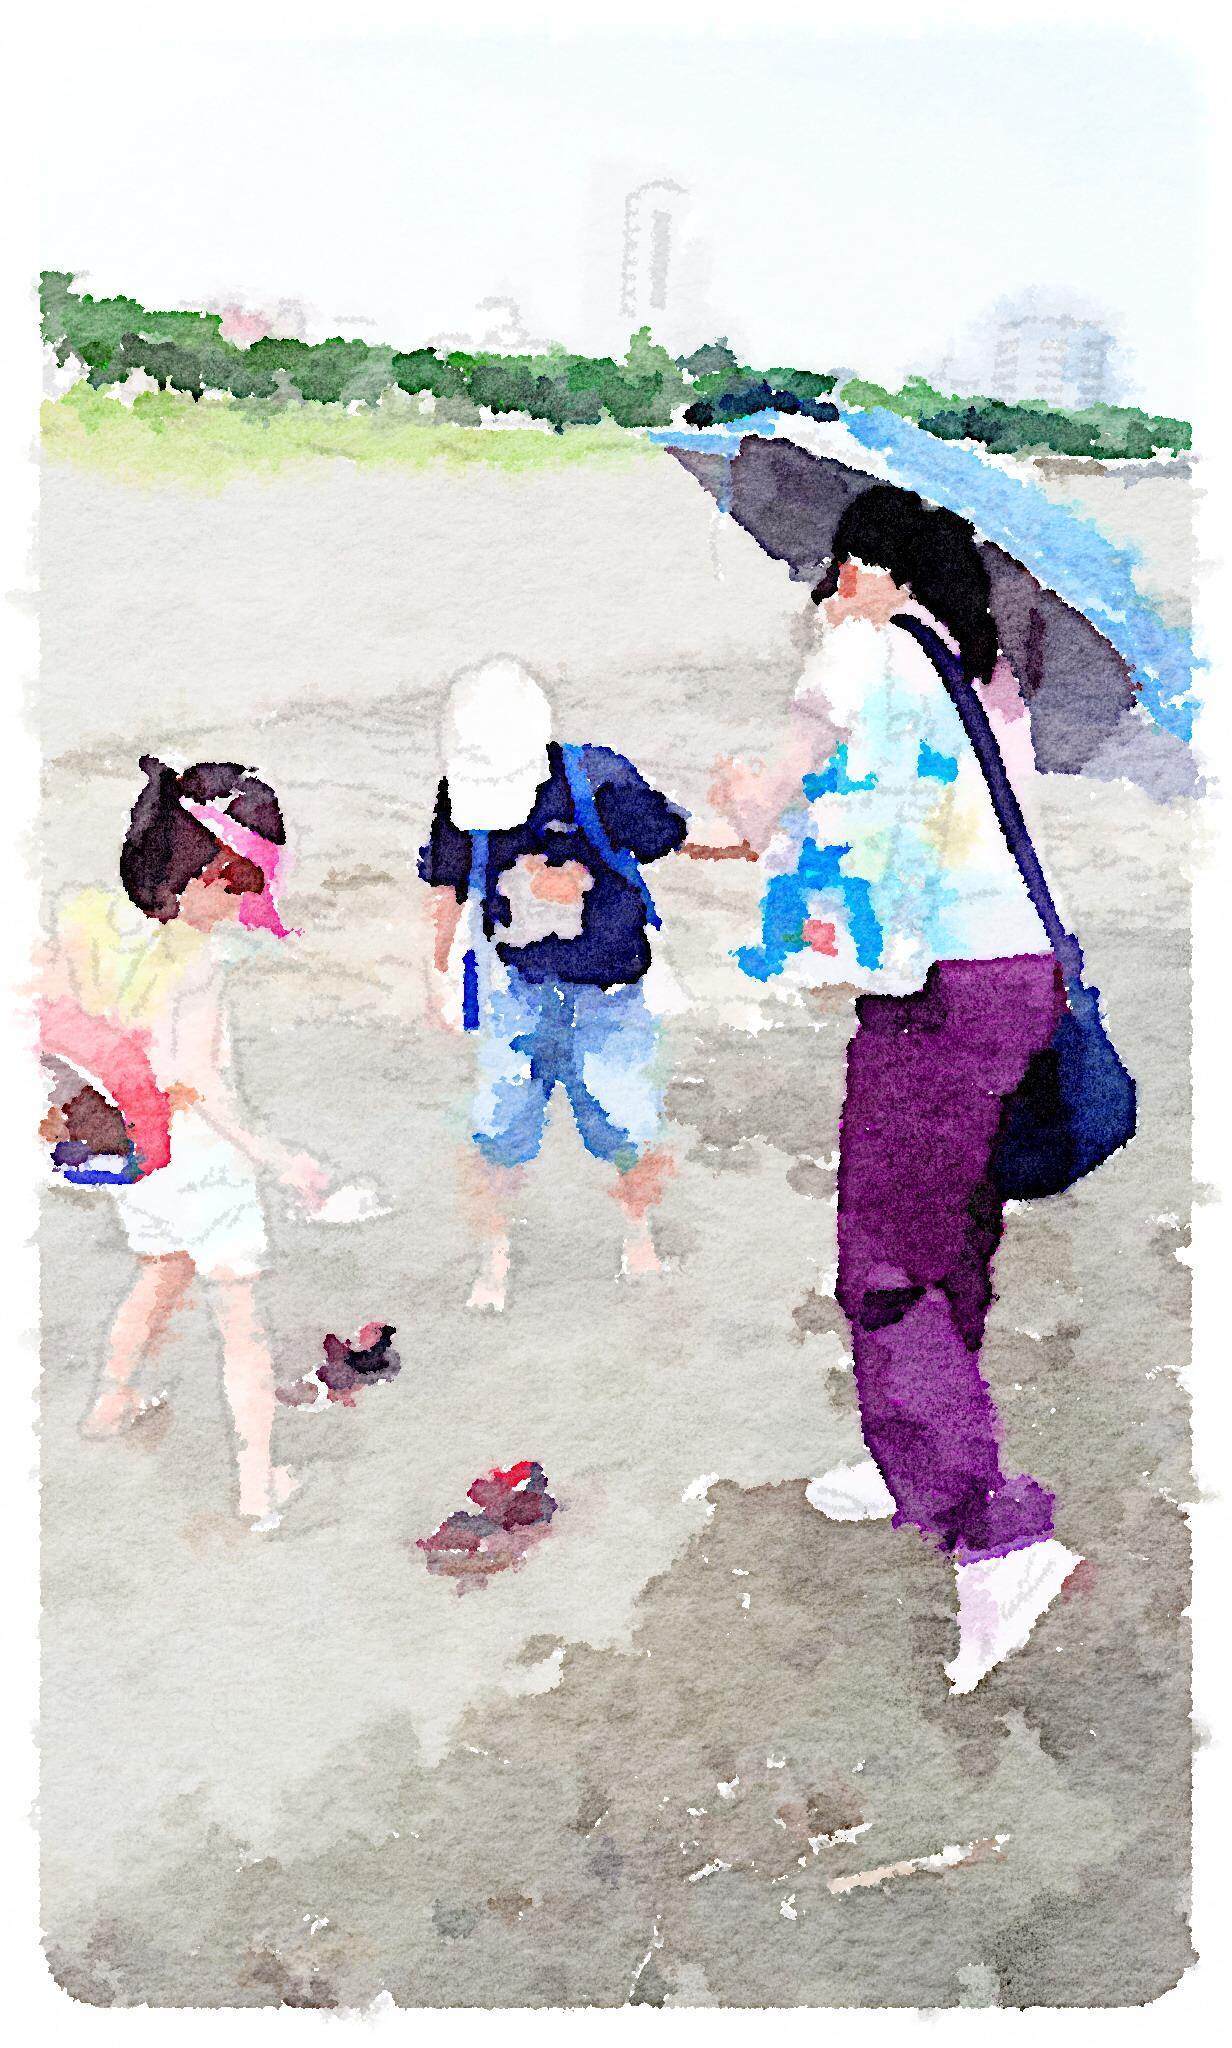 影像處理 - Magazine cover